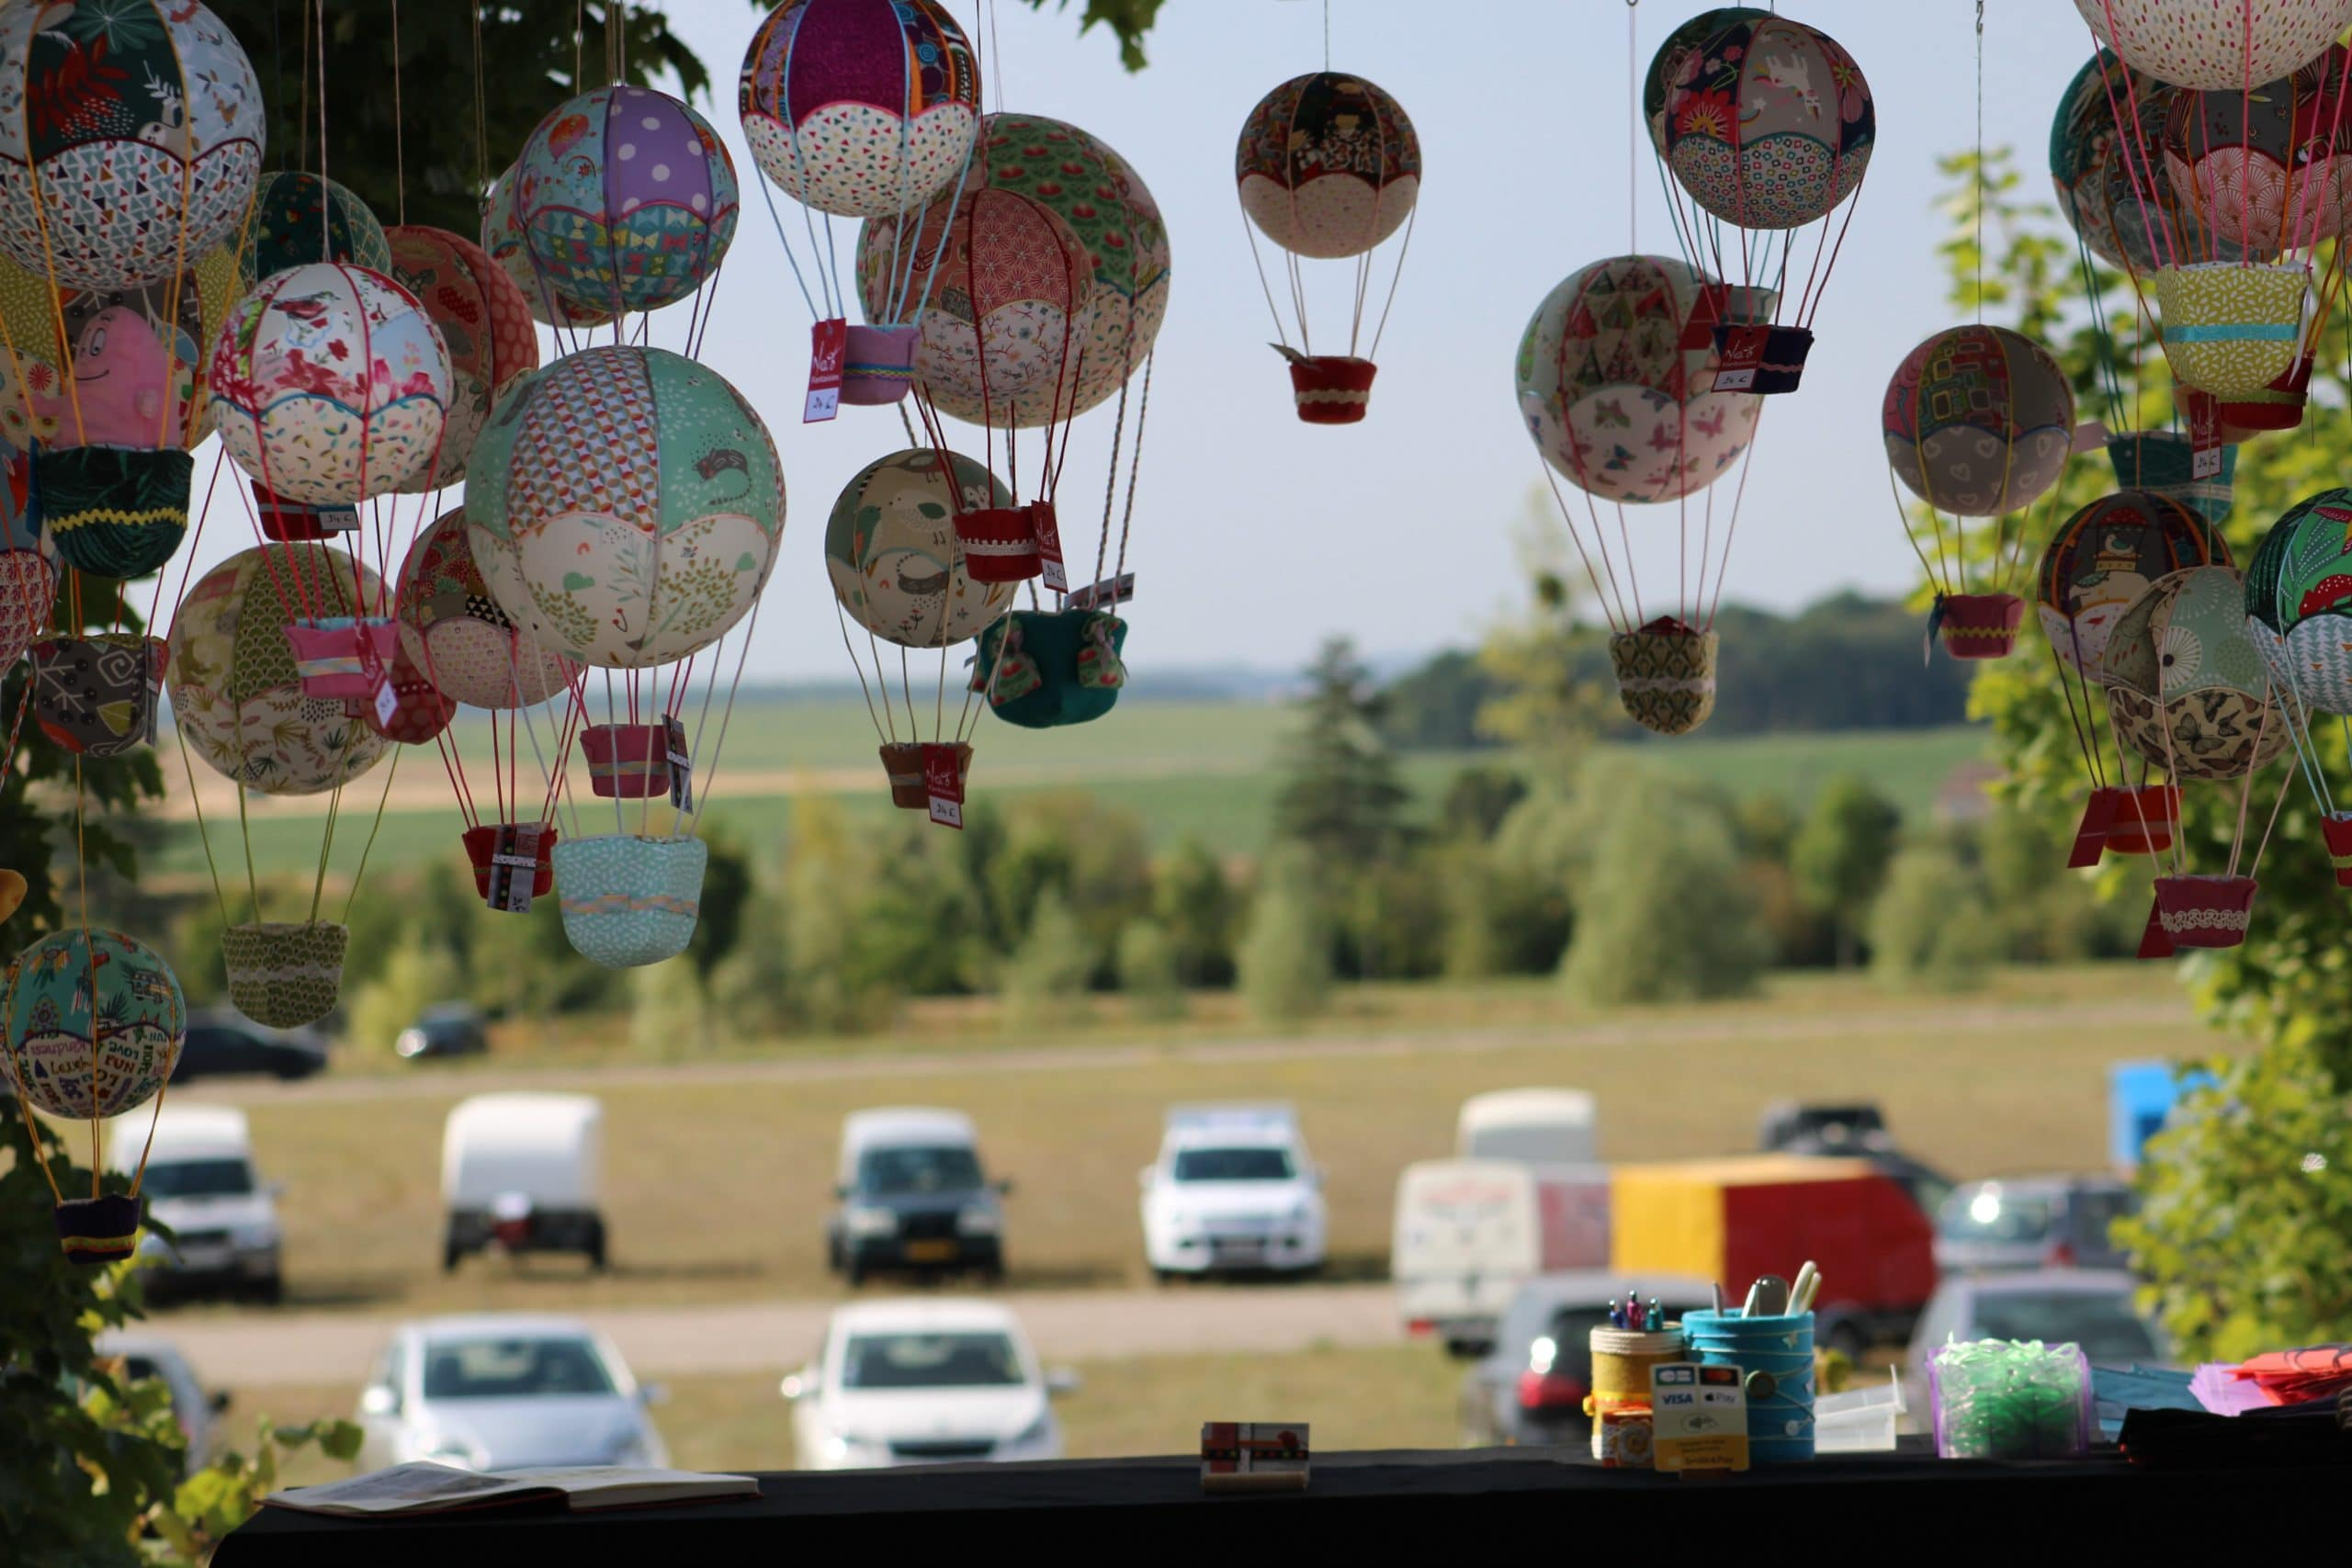 Montgolfières en tissu . Mondial Air Ballon 2019